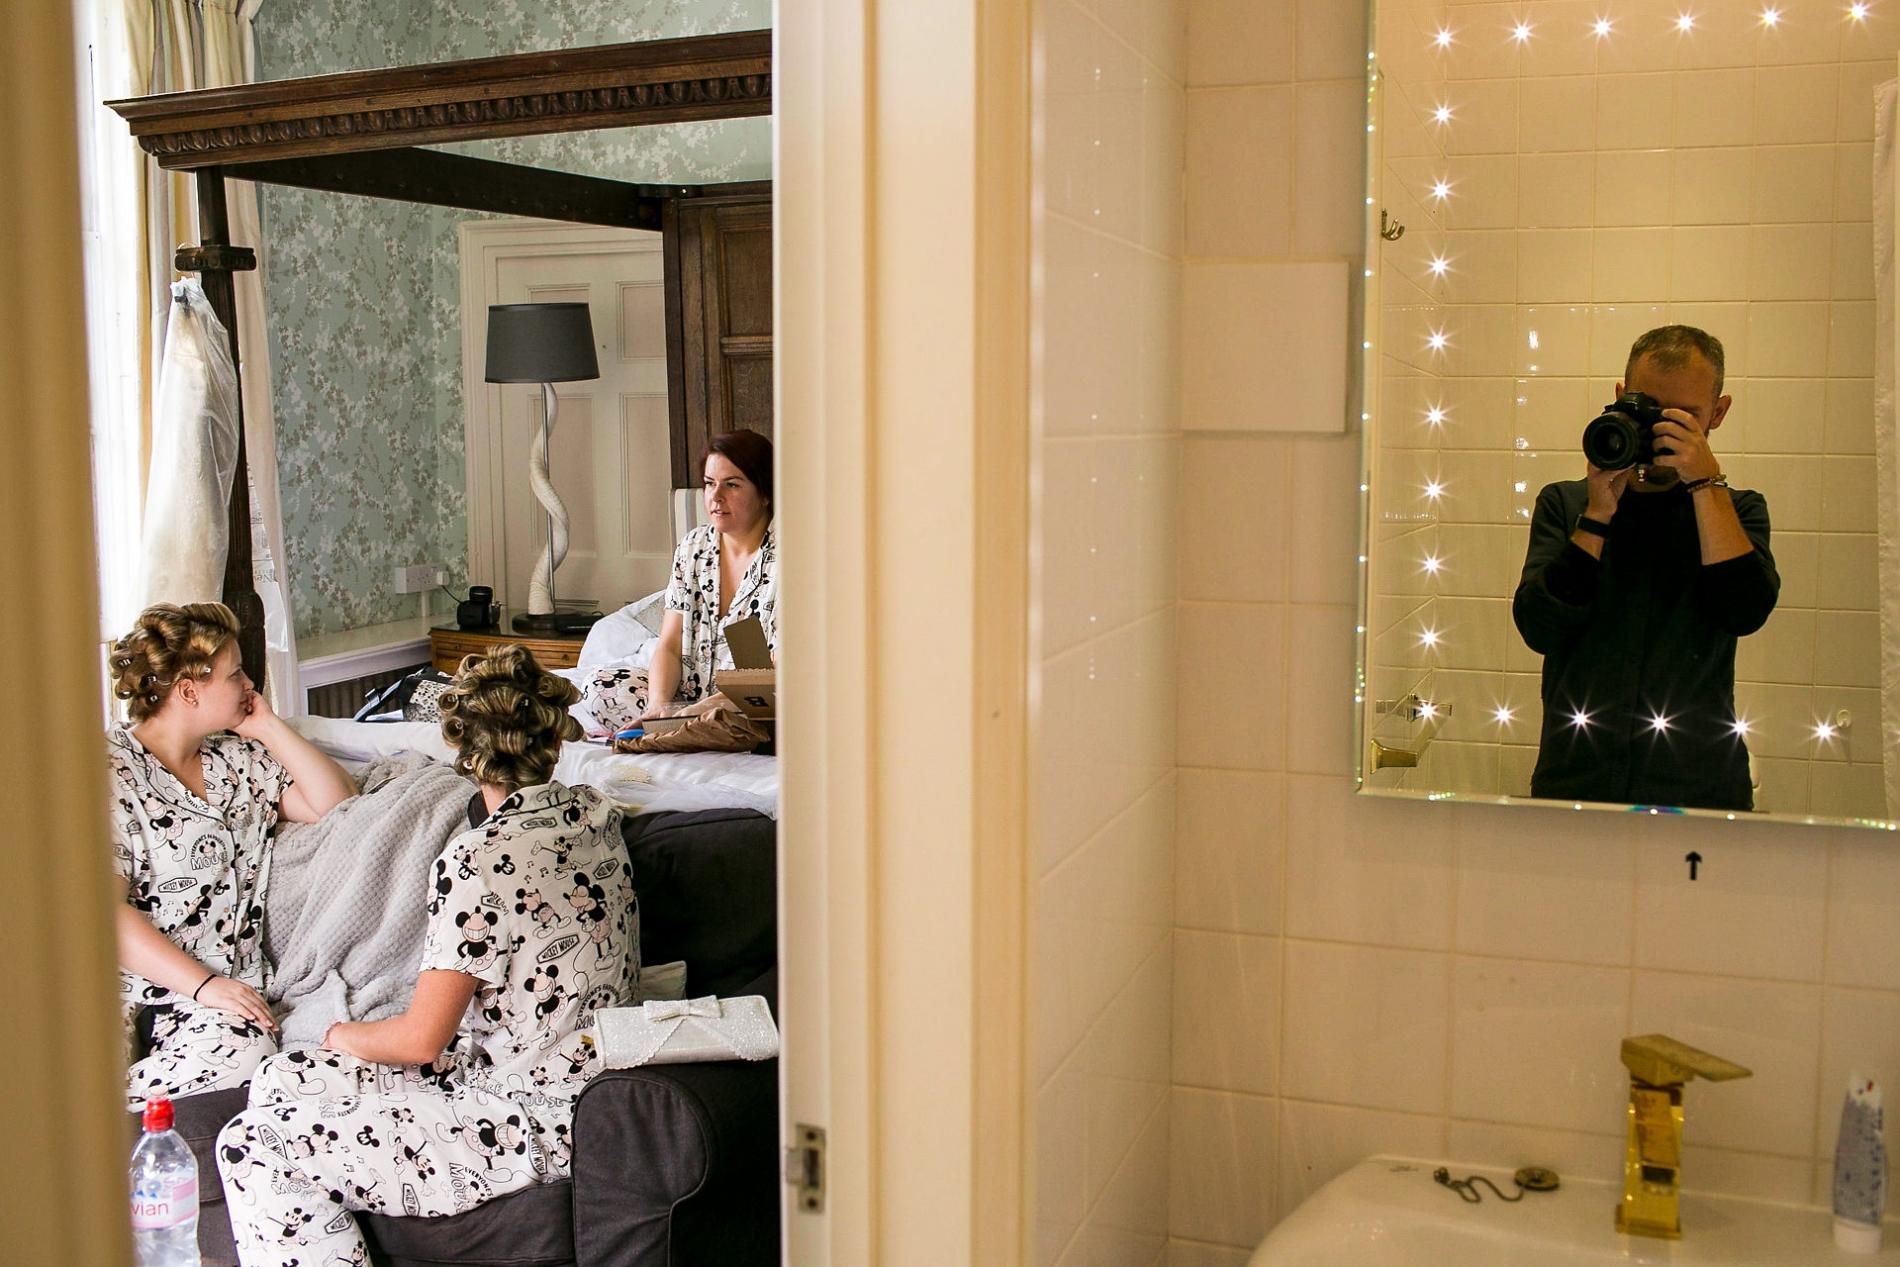 Aaron Storry-fotografie tijdens Bridal Prep bij een Brits huwelijk.